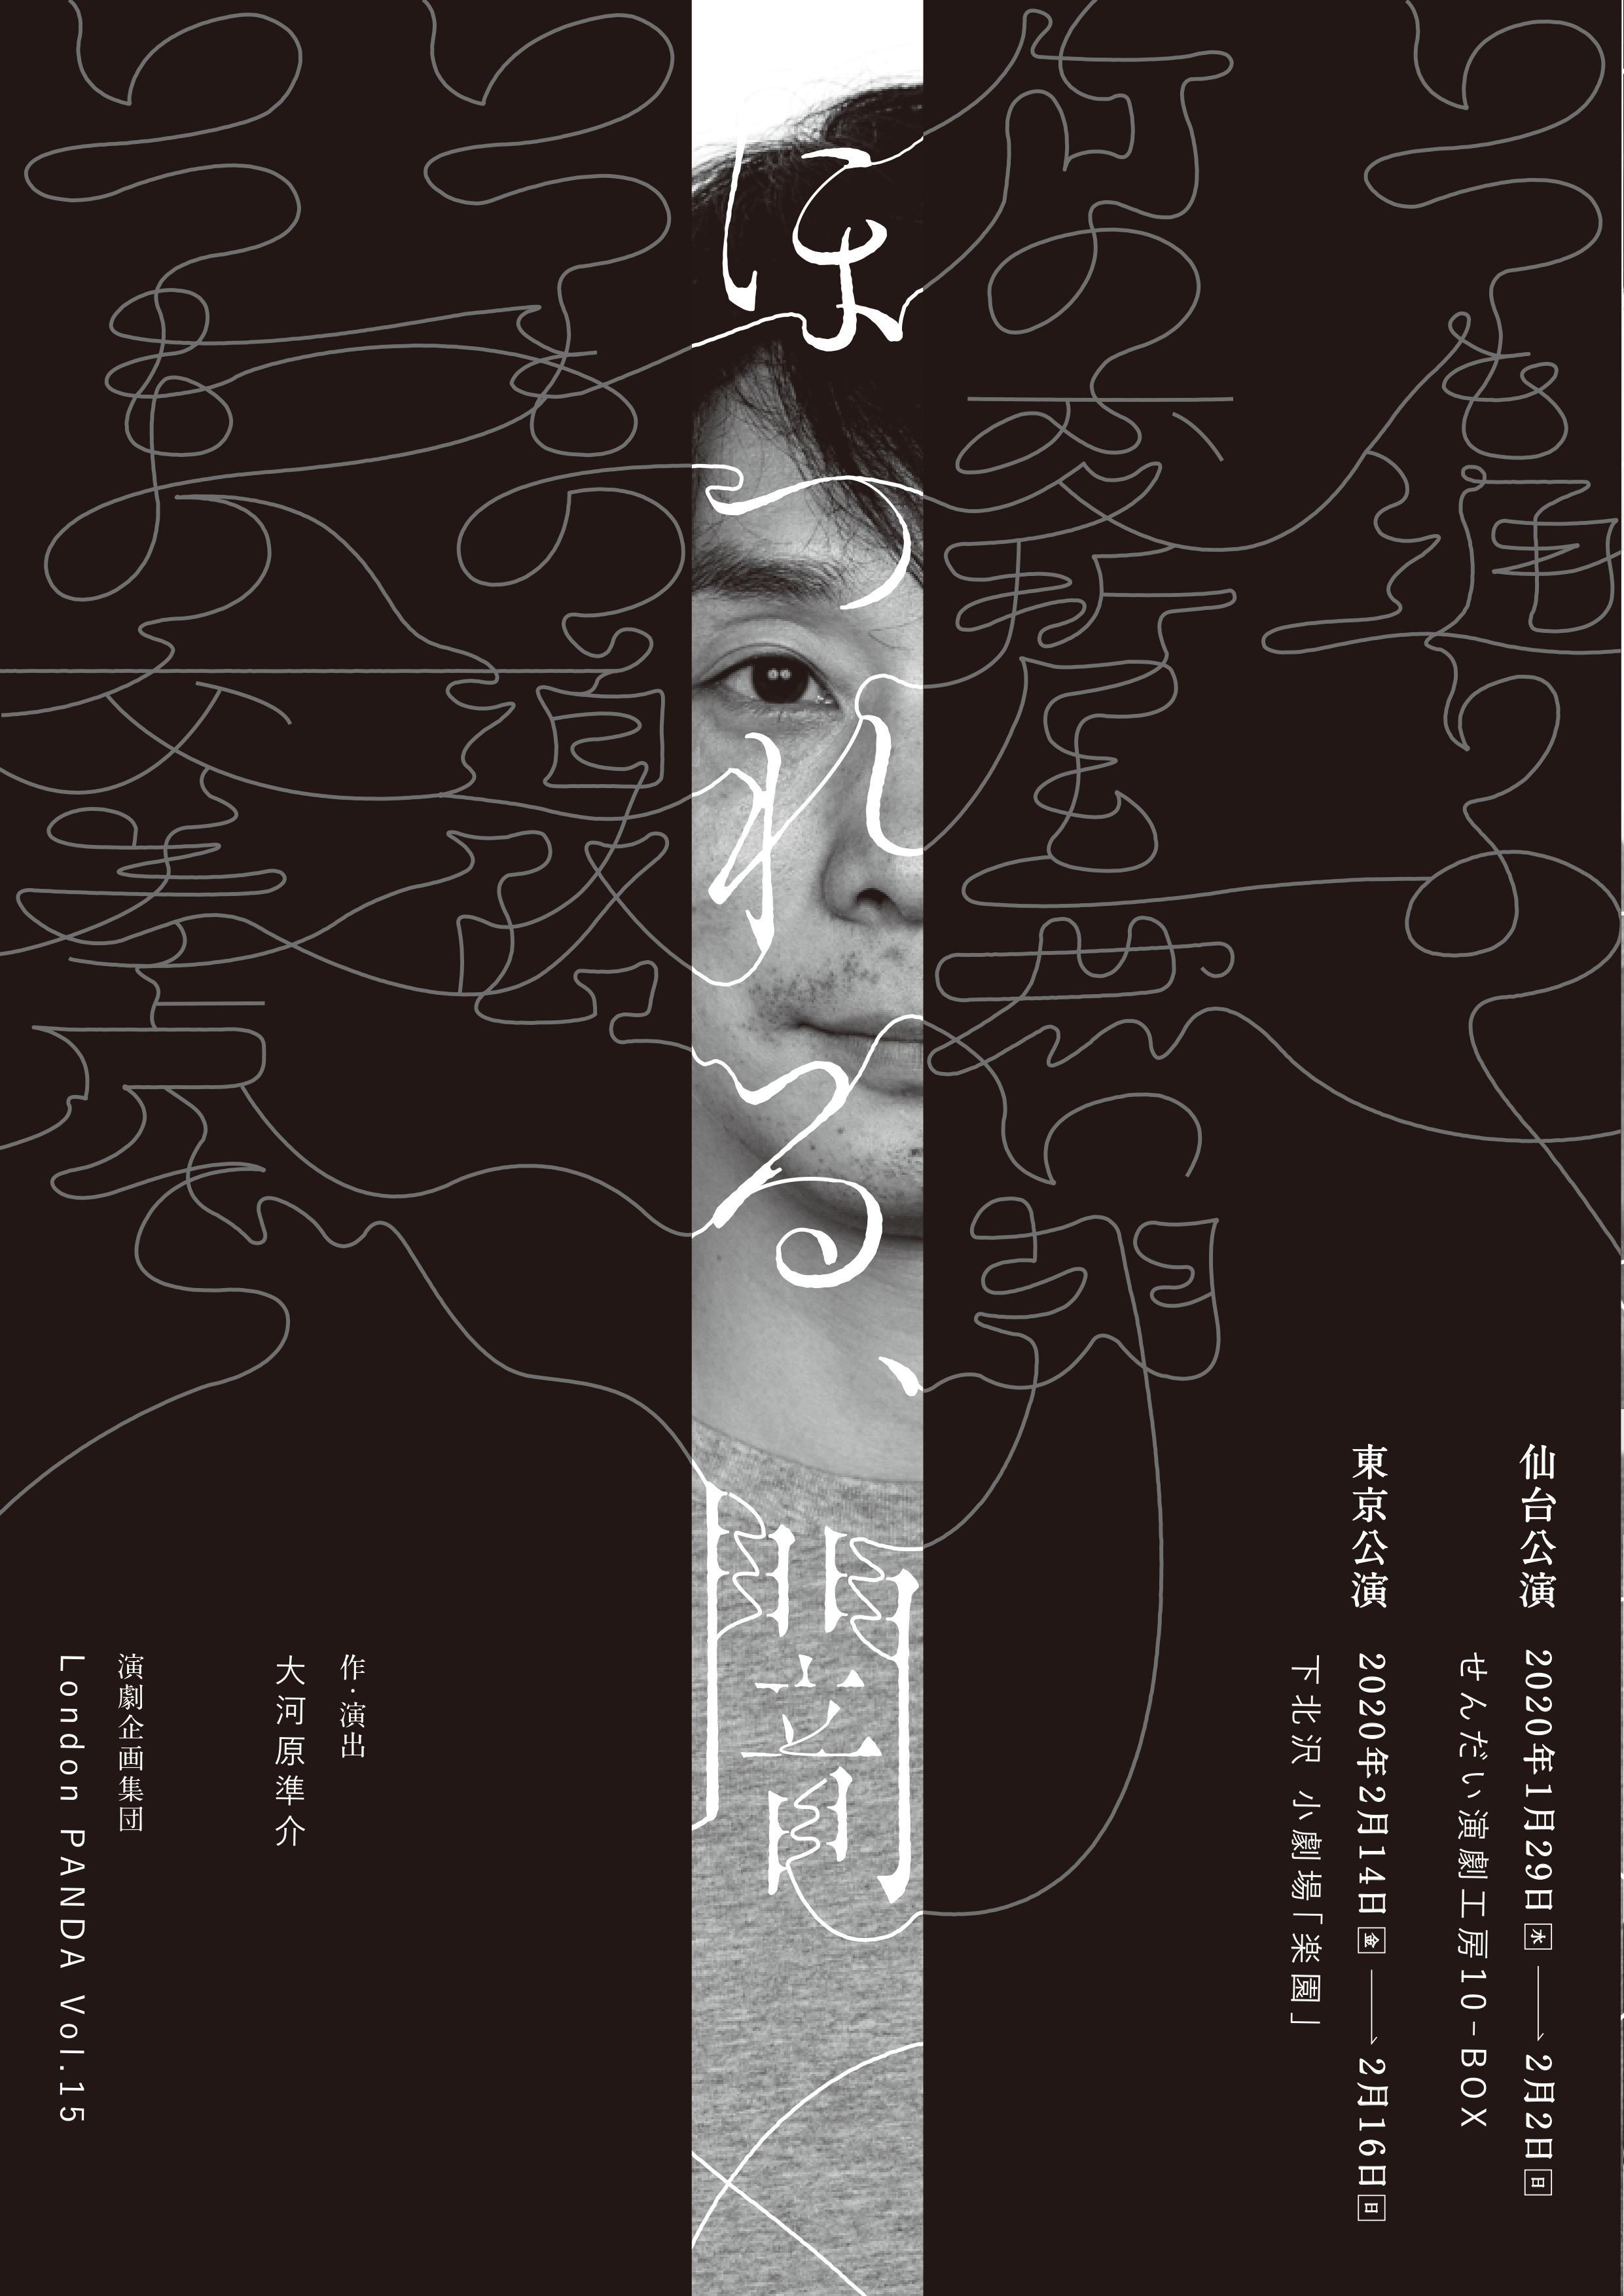 [仙台]1/30(木)14時|演劇企画集団LondonPANDA『ほつれる、闇』